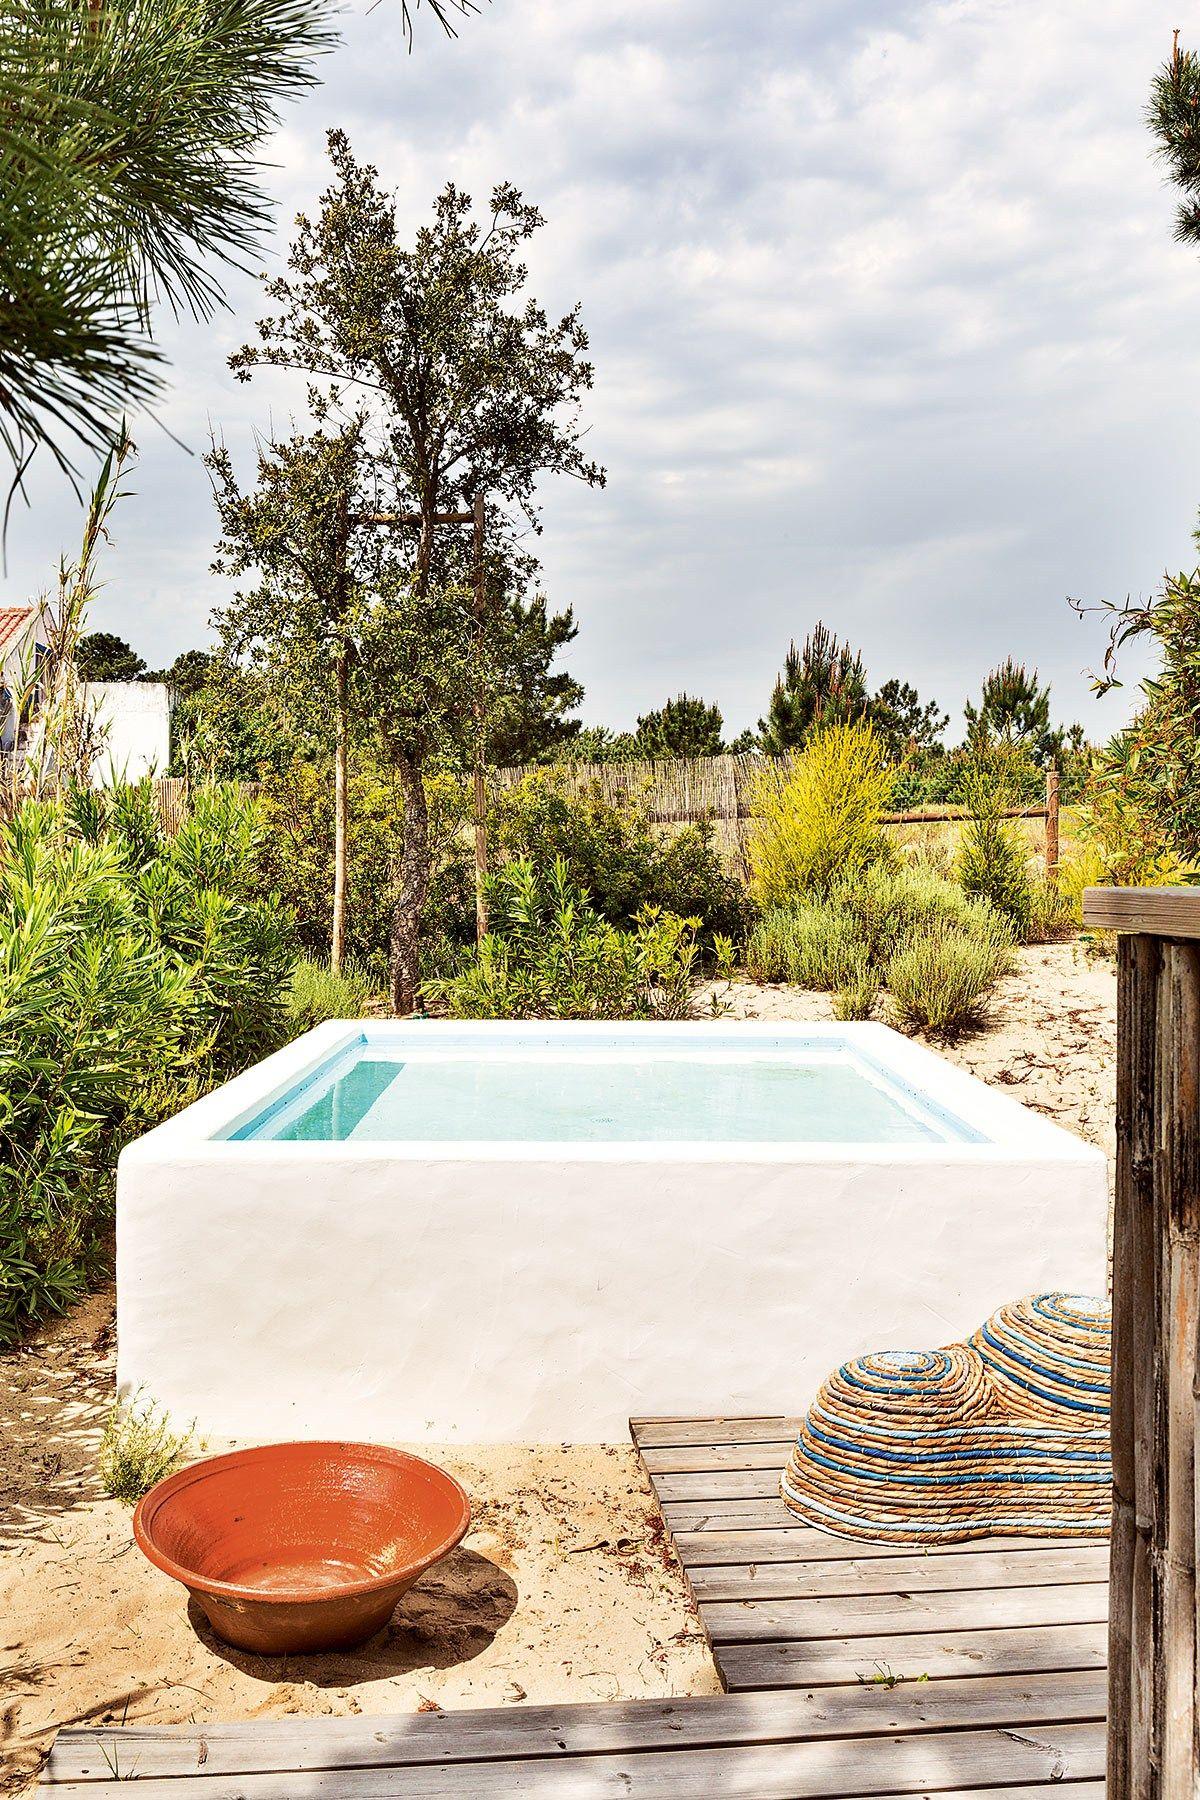 Une cabane de p cheur au portugal pools cabane de pecheur mini piscine et mini piscine hors sol - Maison de pecheur portugal ...